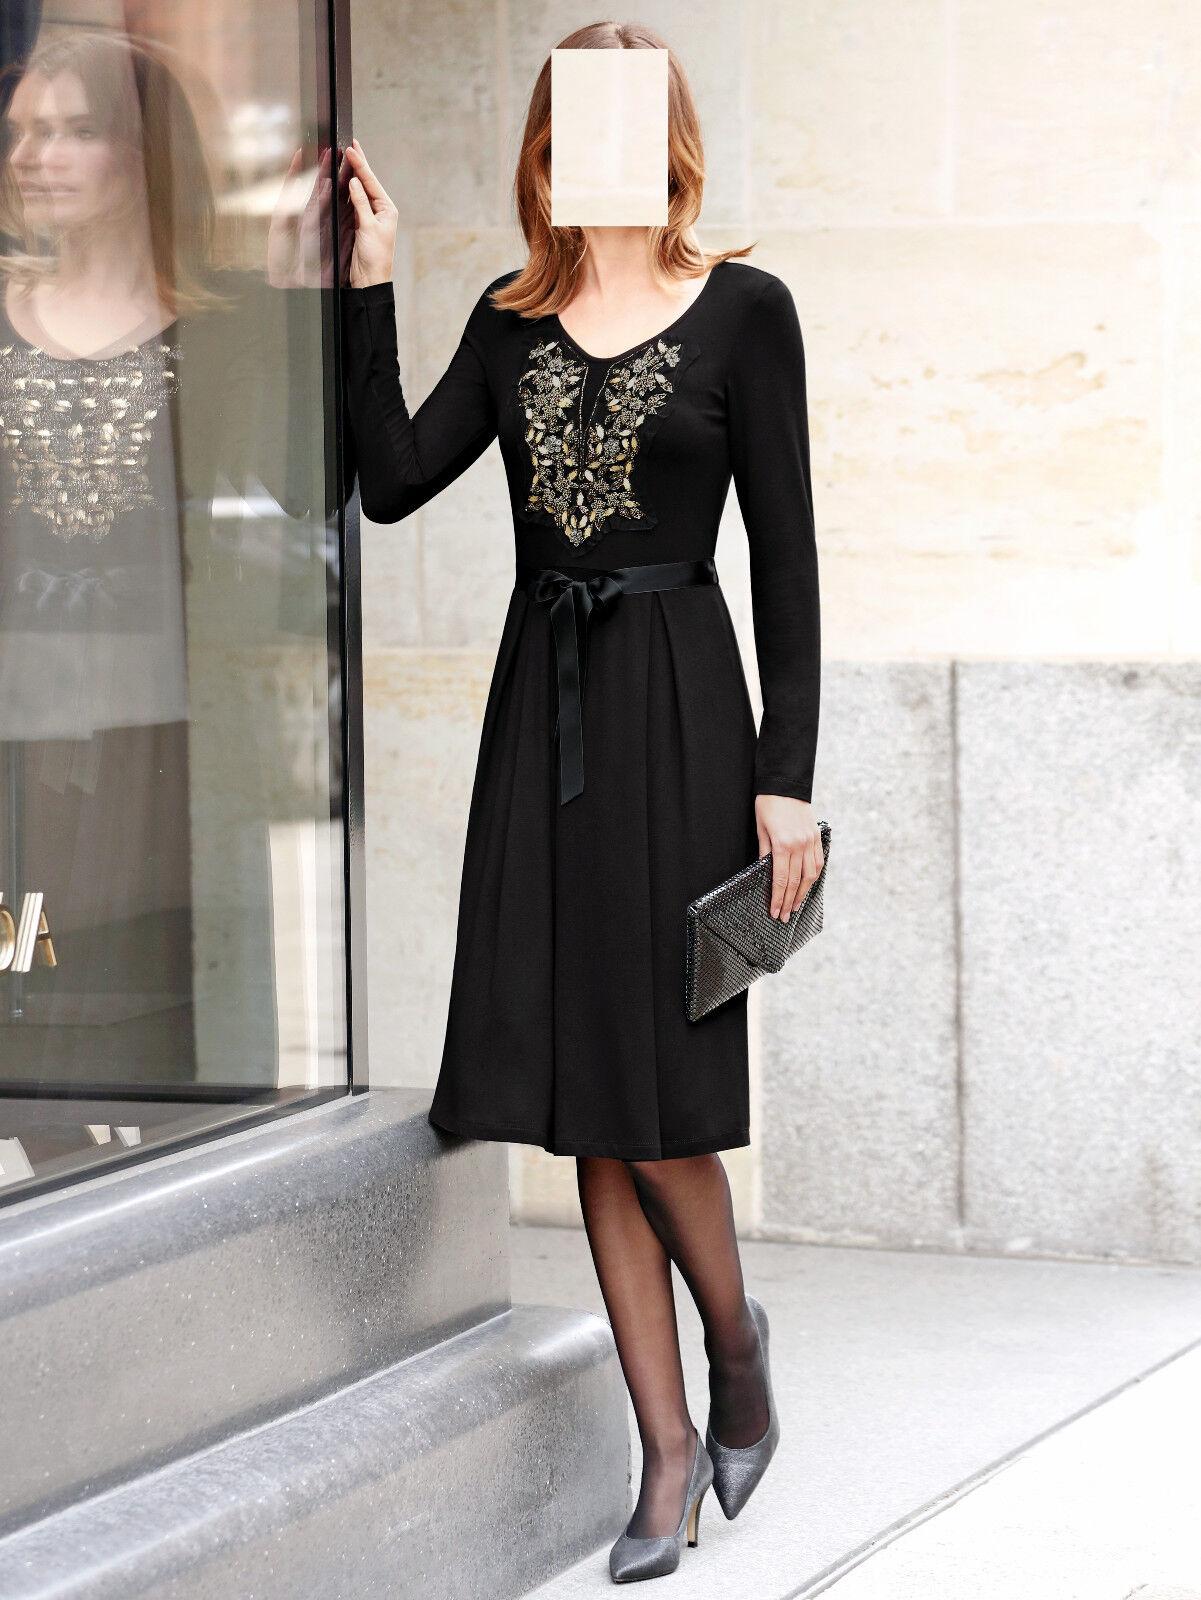 Marken Jersey Kleid schwarz mit Perlendekoration  Gr. 48 0518723914